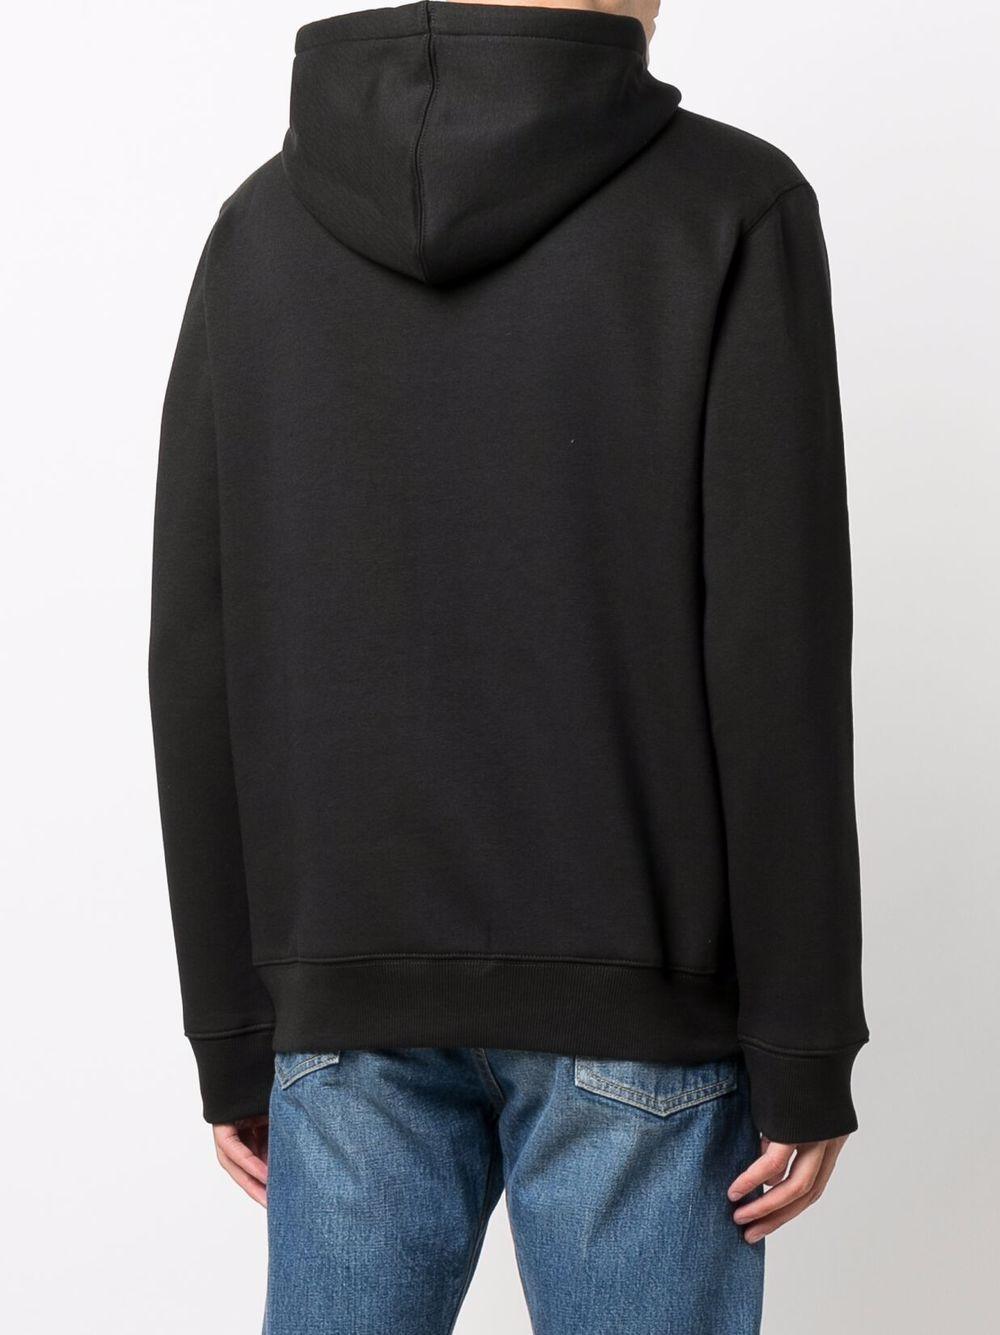 felpa con cappuccio uomo nera in cotone DICKIES | Felpe | DK0A4XCDBLK1